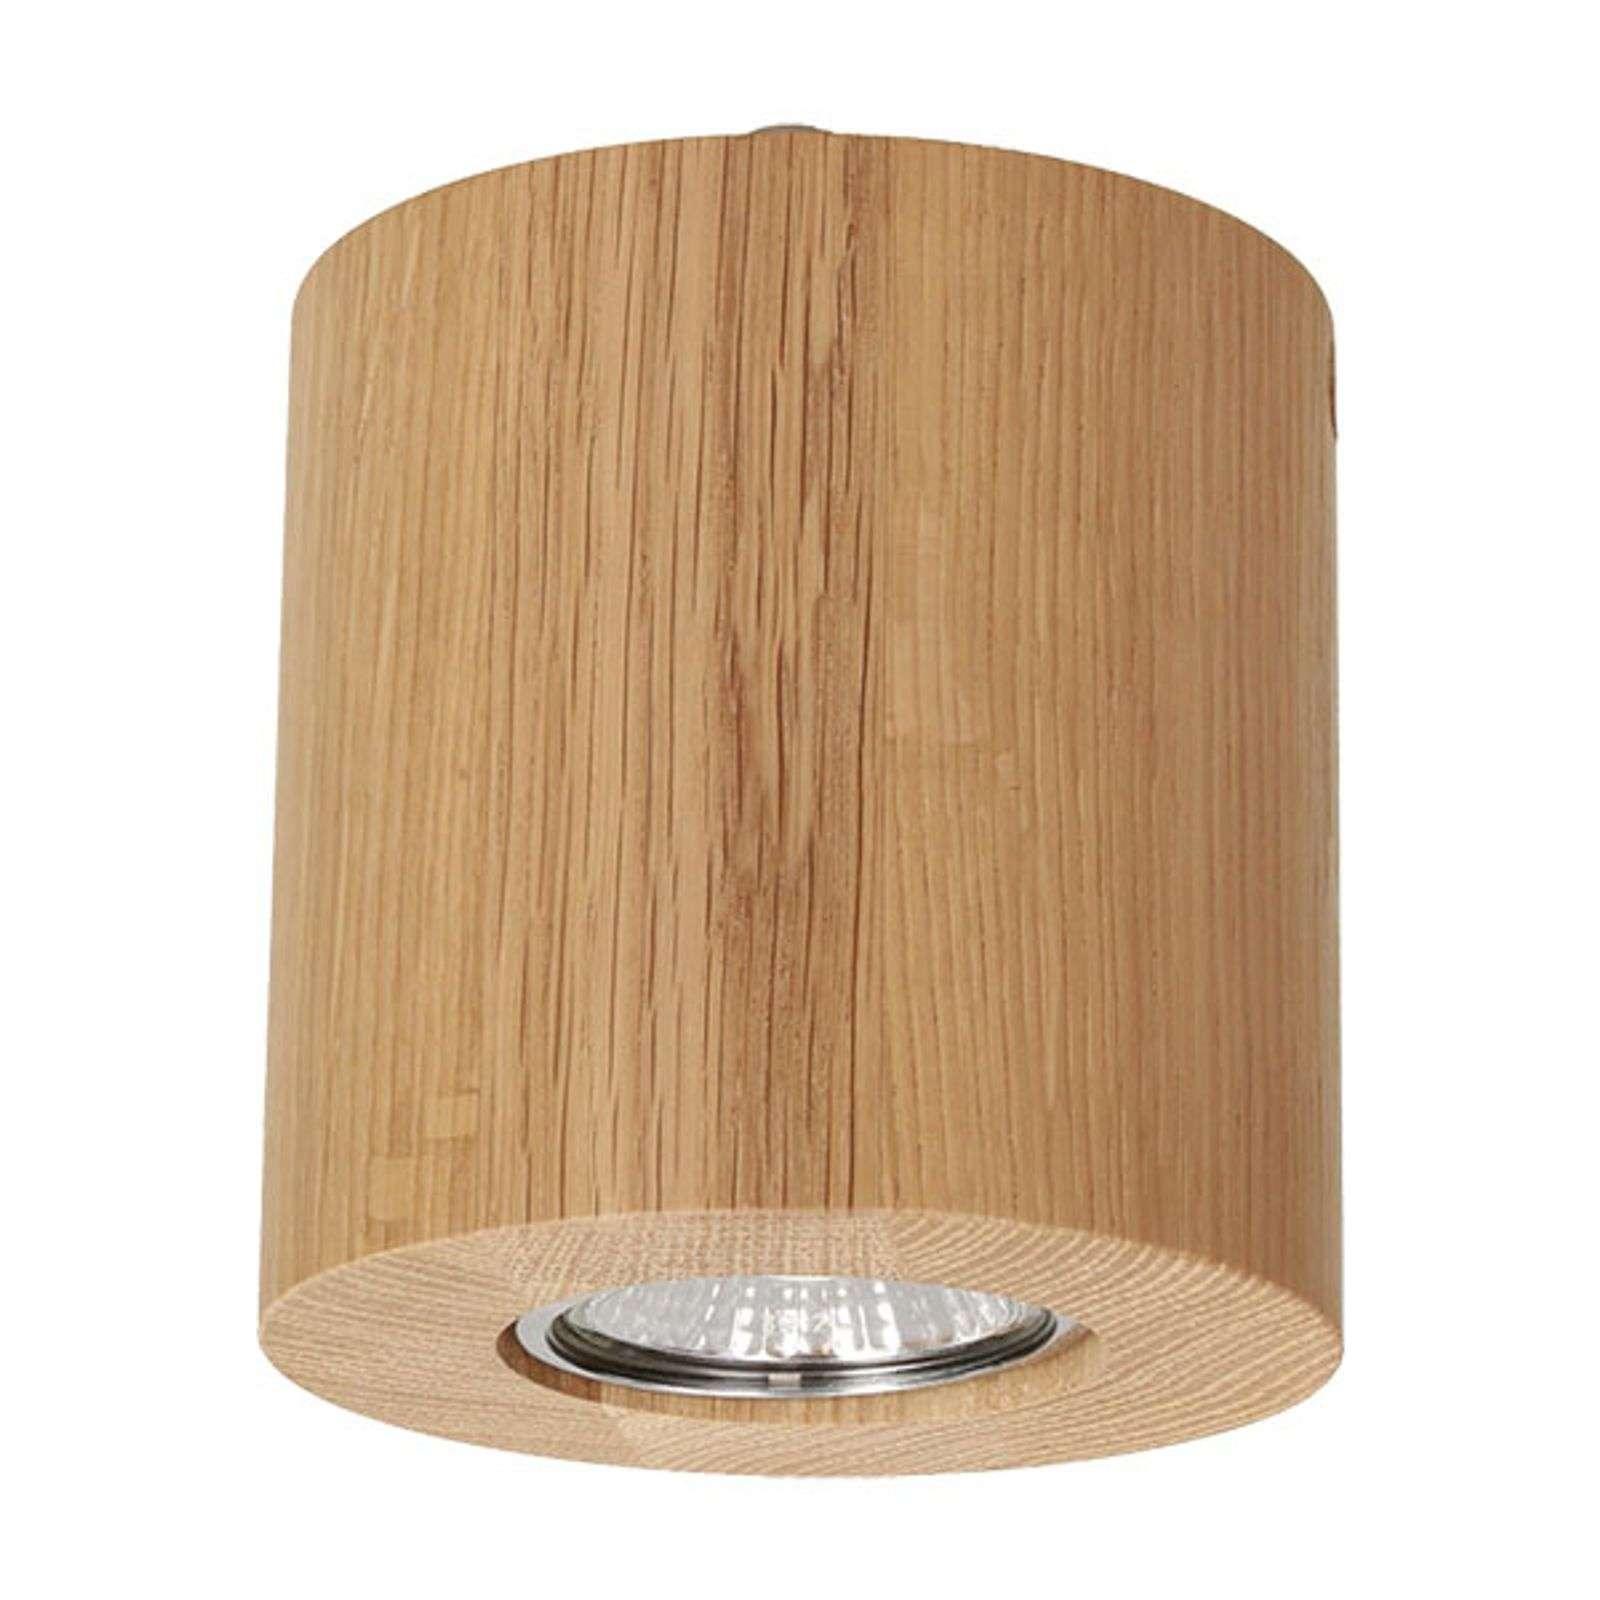 Full Size of Spot Light Deckenlampe Wooddream Deckenleuchte Holz Esstisch Skandinavisch Deckenlampen Für Wohnzimmer Schlafzimmer Modern Bad Küche Bett Wohnzimmer Deckenlampe Skandinavisch